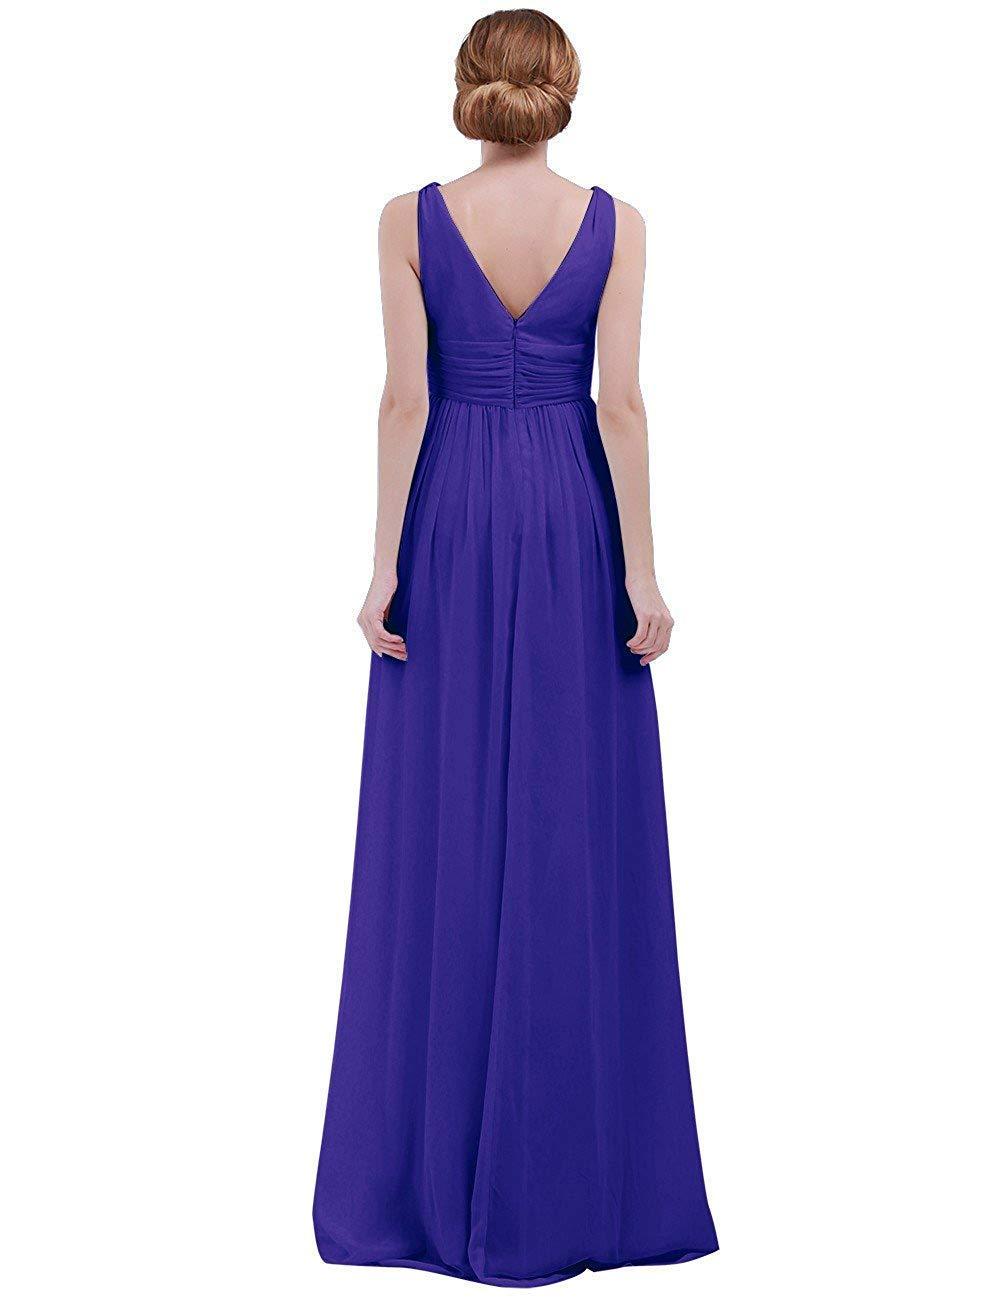 Bleu Royal Taille UK 10     6 MJY Mode féminine sans hommeches col en V profond en mousseline de soie demoiselle d'honneur robe de soirée,corail,Taille UK 14     10